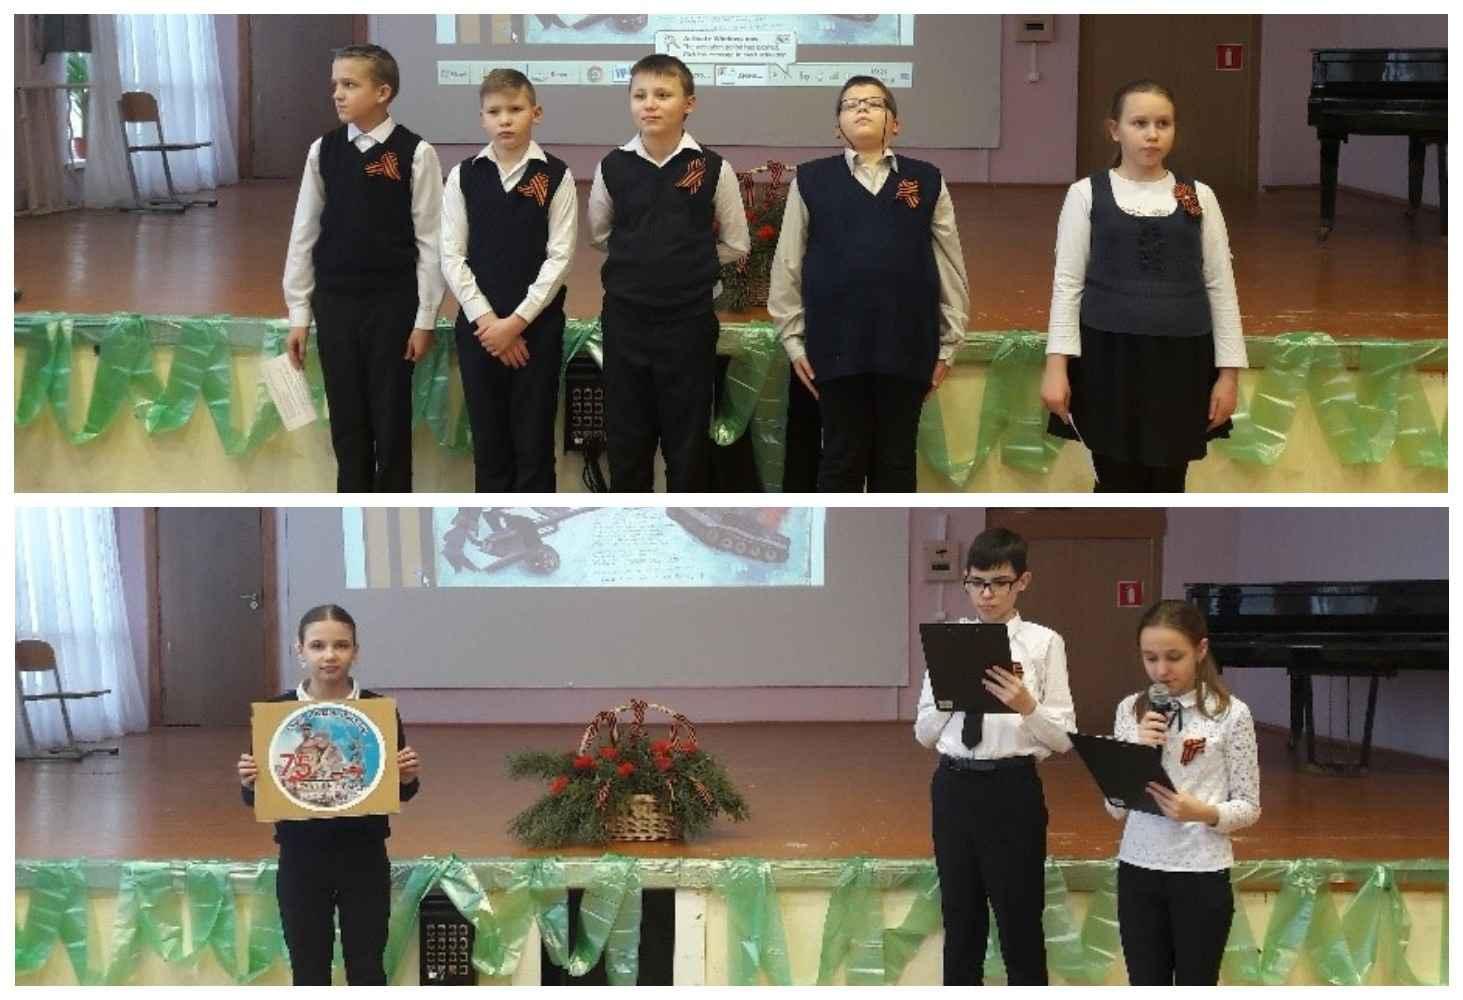 zhurnal-nepokorennyj-stalingrad-kak-v-moskovskoj-shkole-pochtili-pamyat-geroev-stalingrada